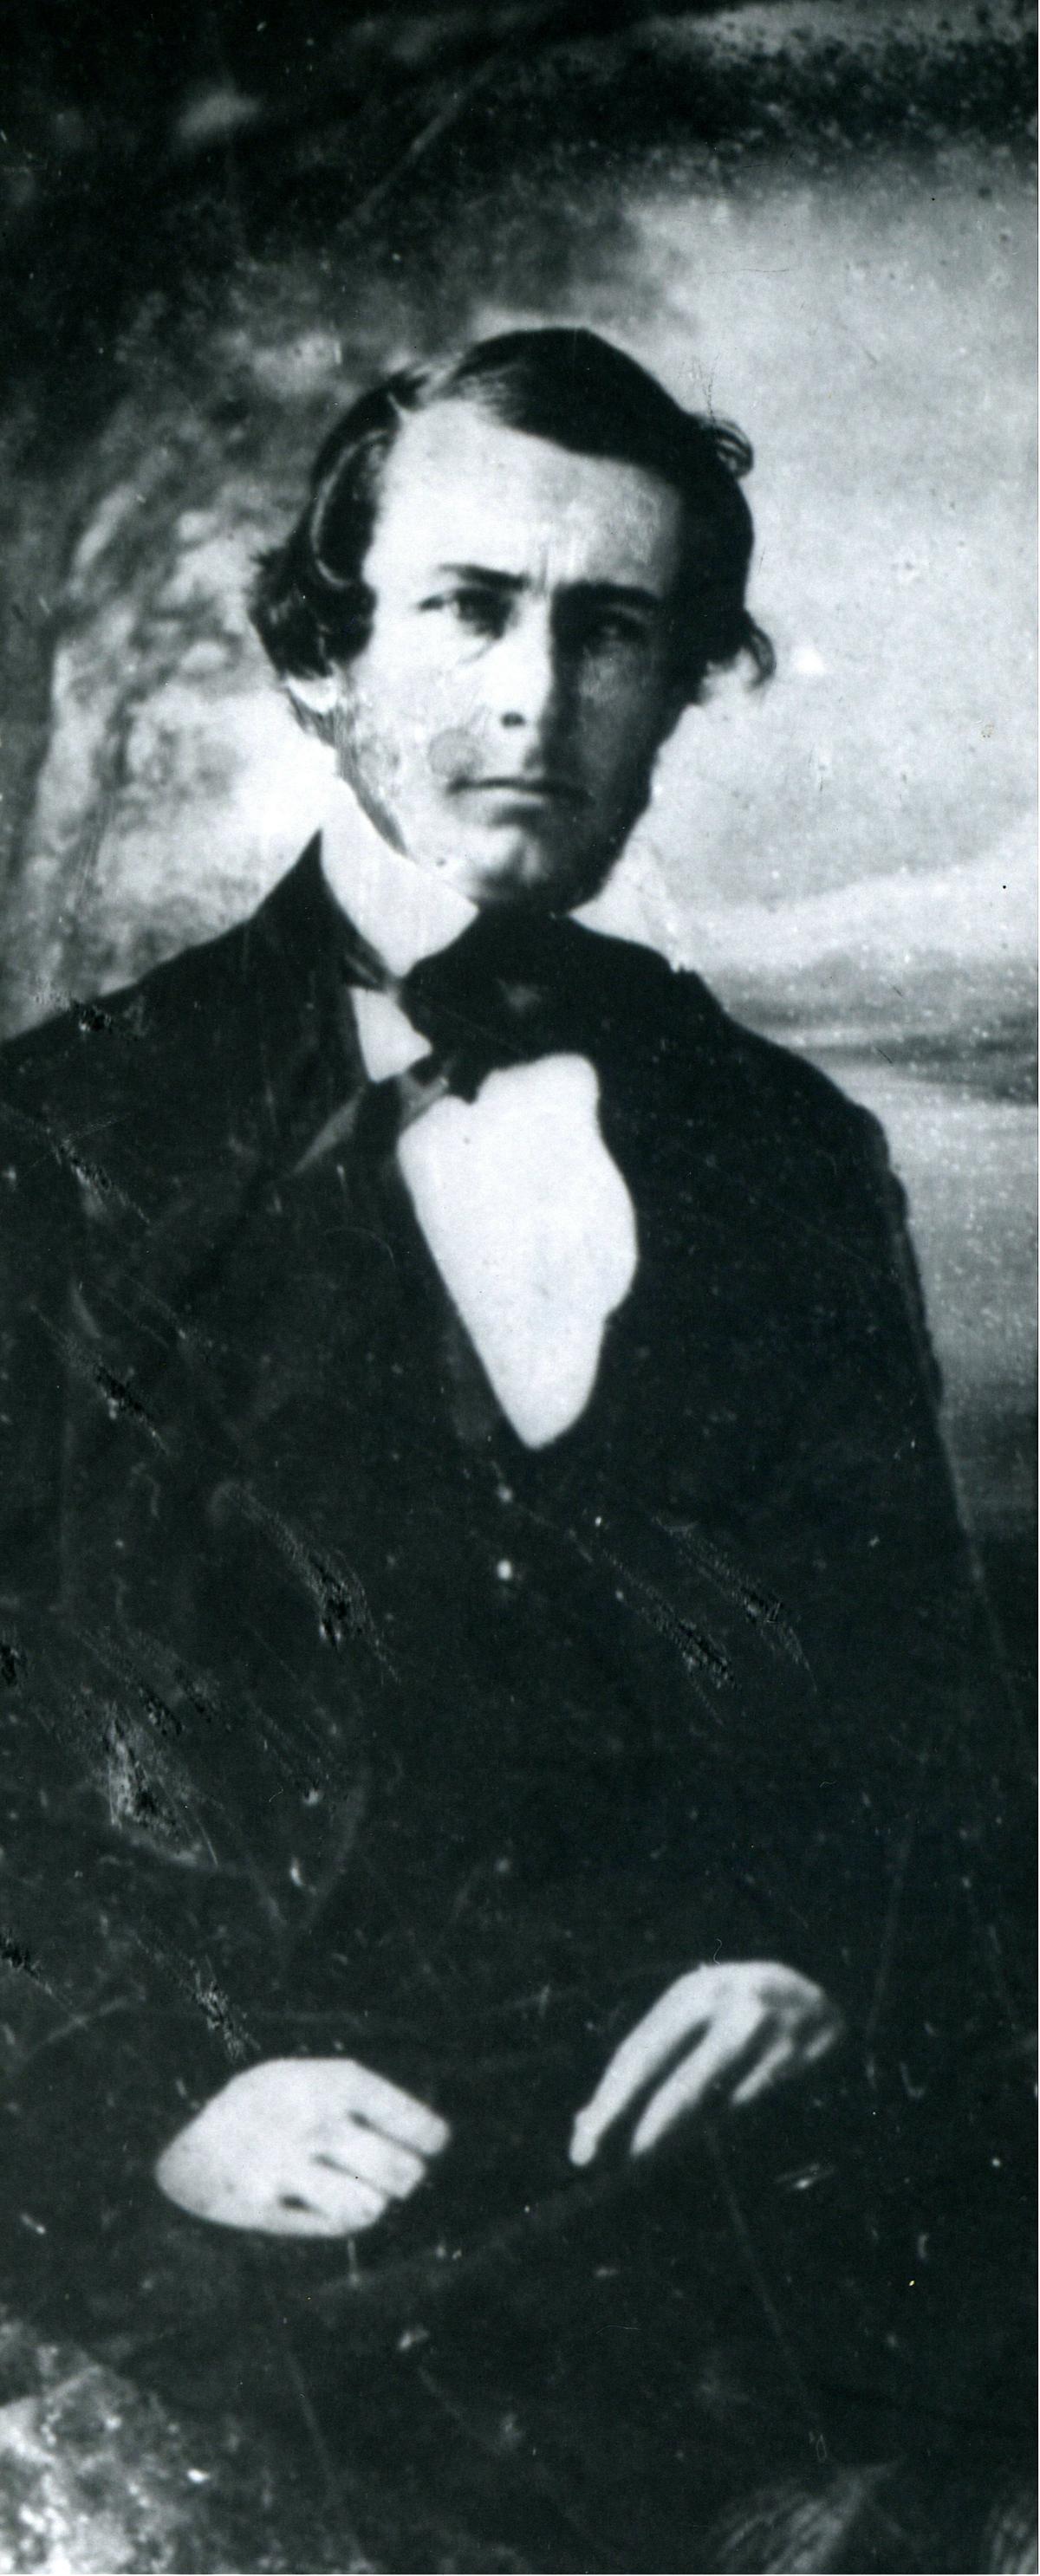 William Ferguson Hutson